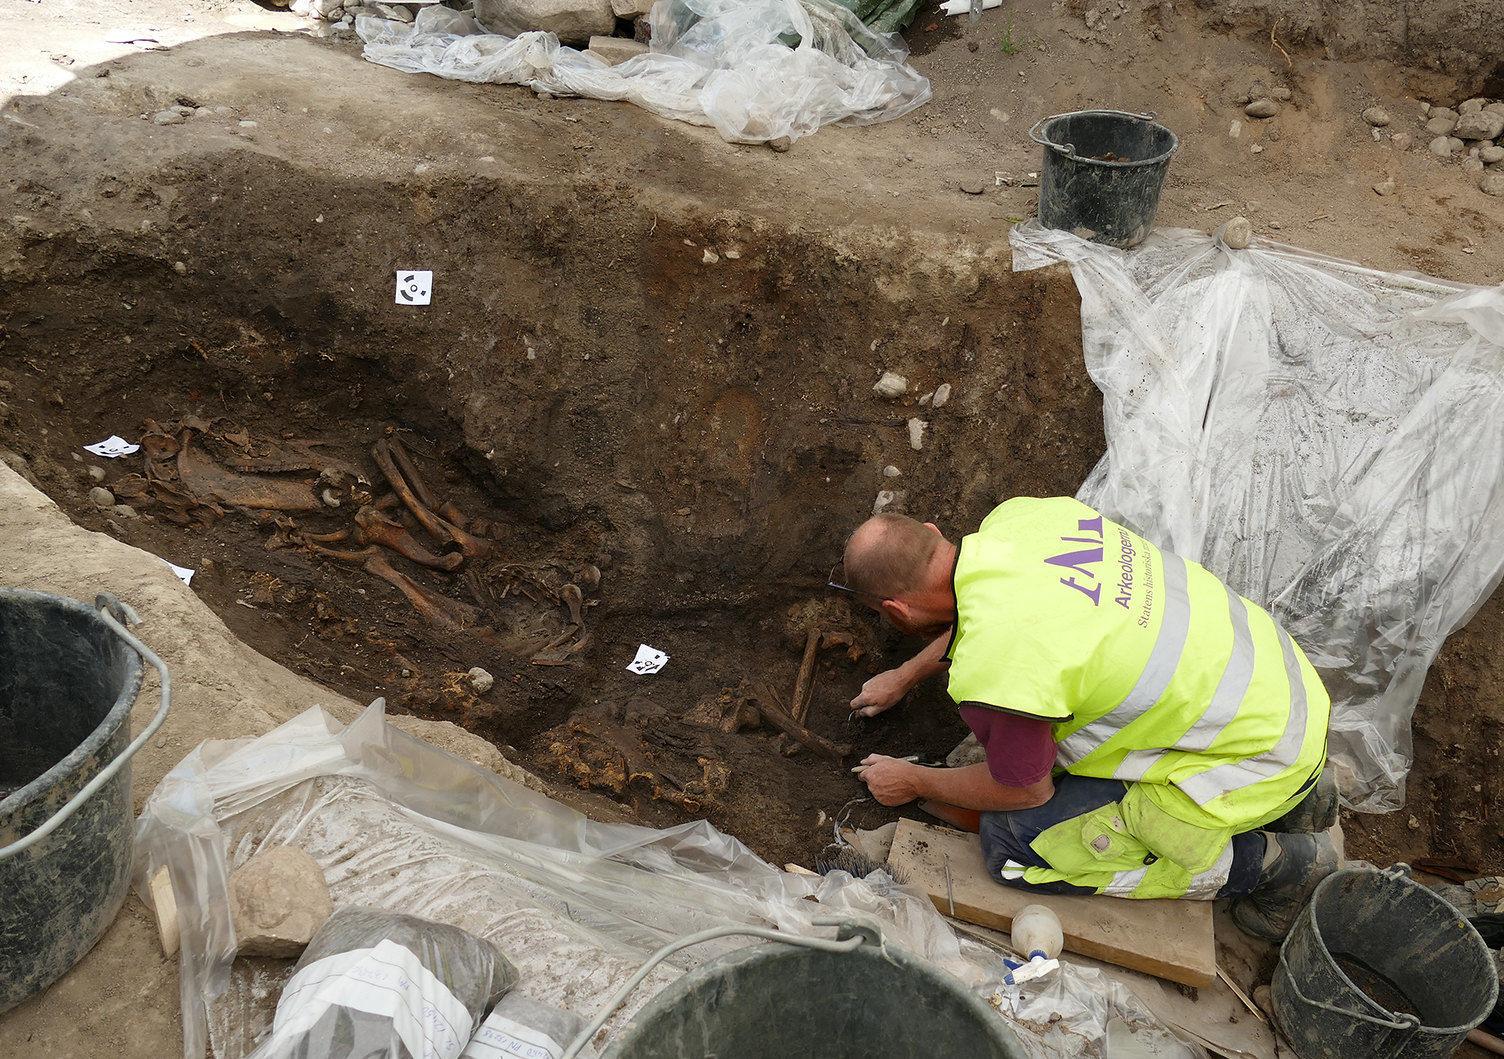 Osteólogo Ola Magnell desenterra os esqueletos de cavalo e cachorro